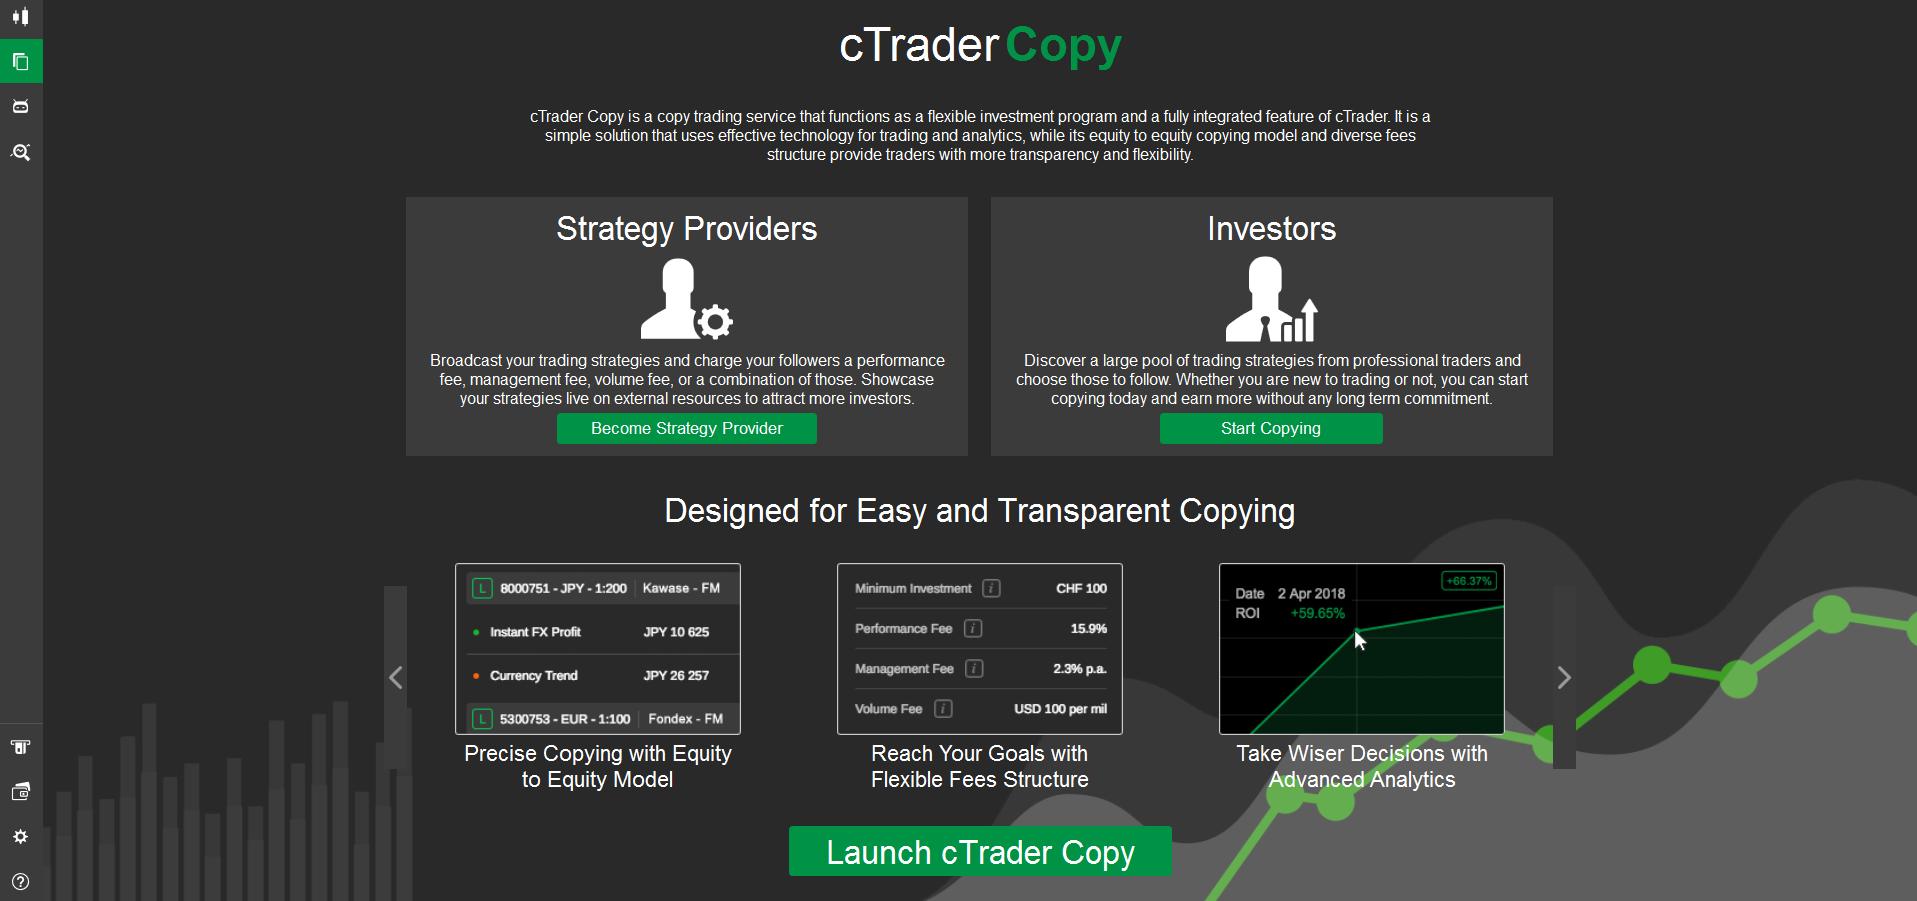 cTrader copytrading